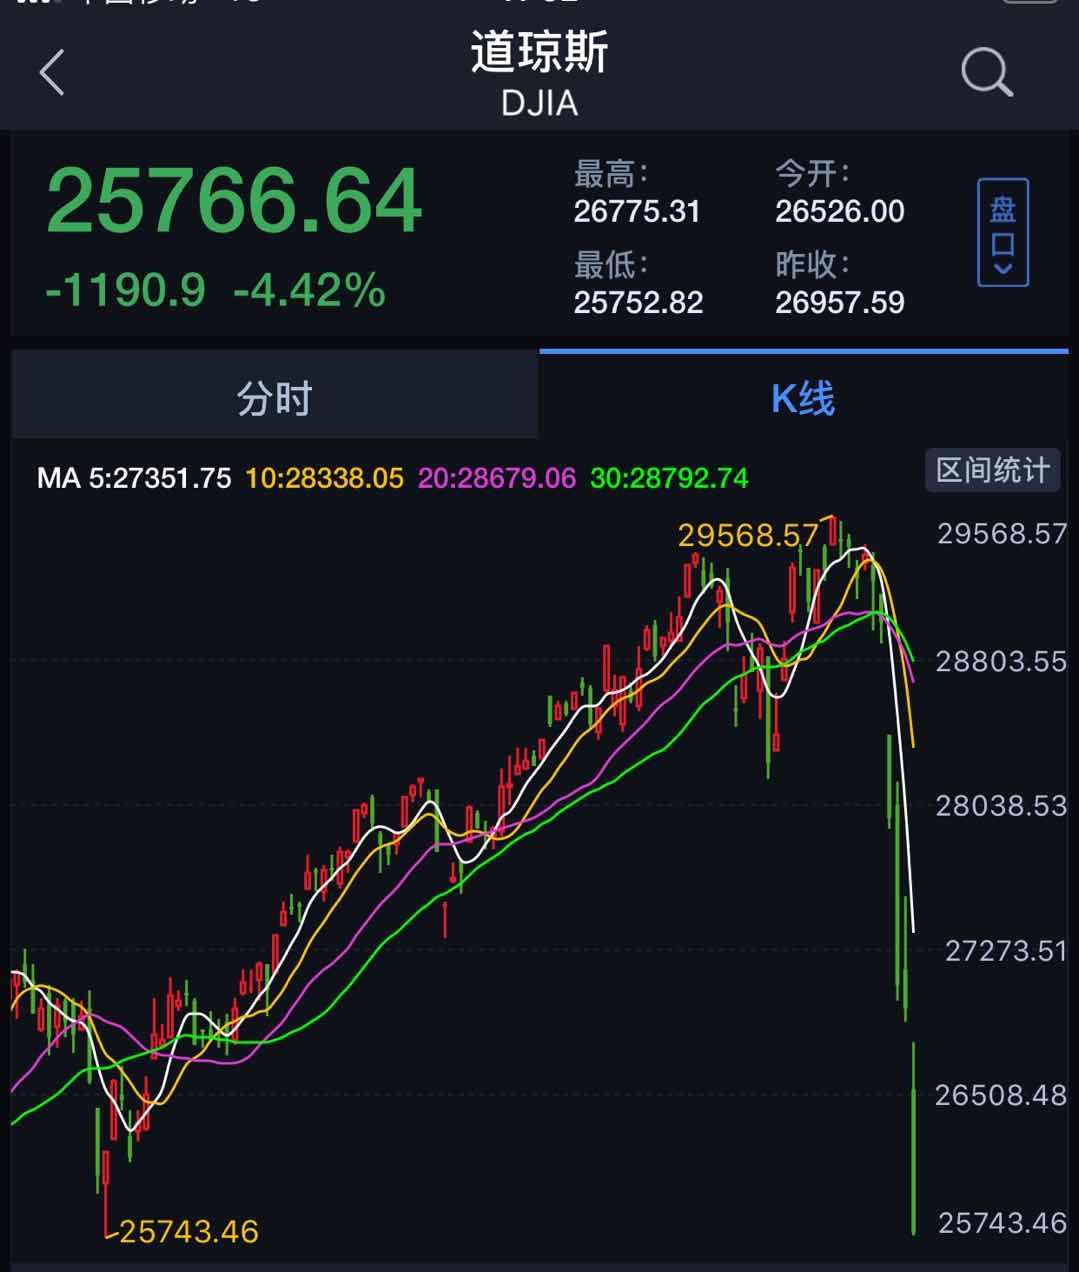 美欧亚股市全线下跌,疫情开始影响全球经济走向